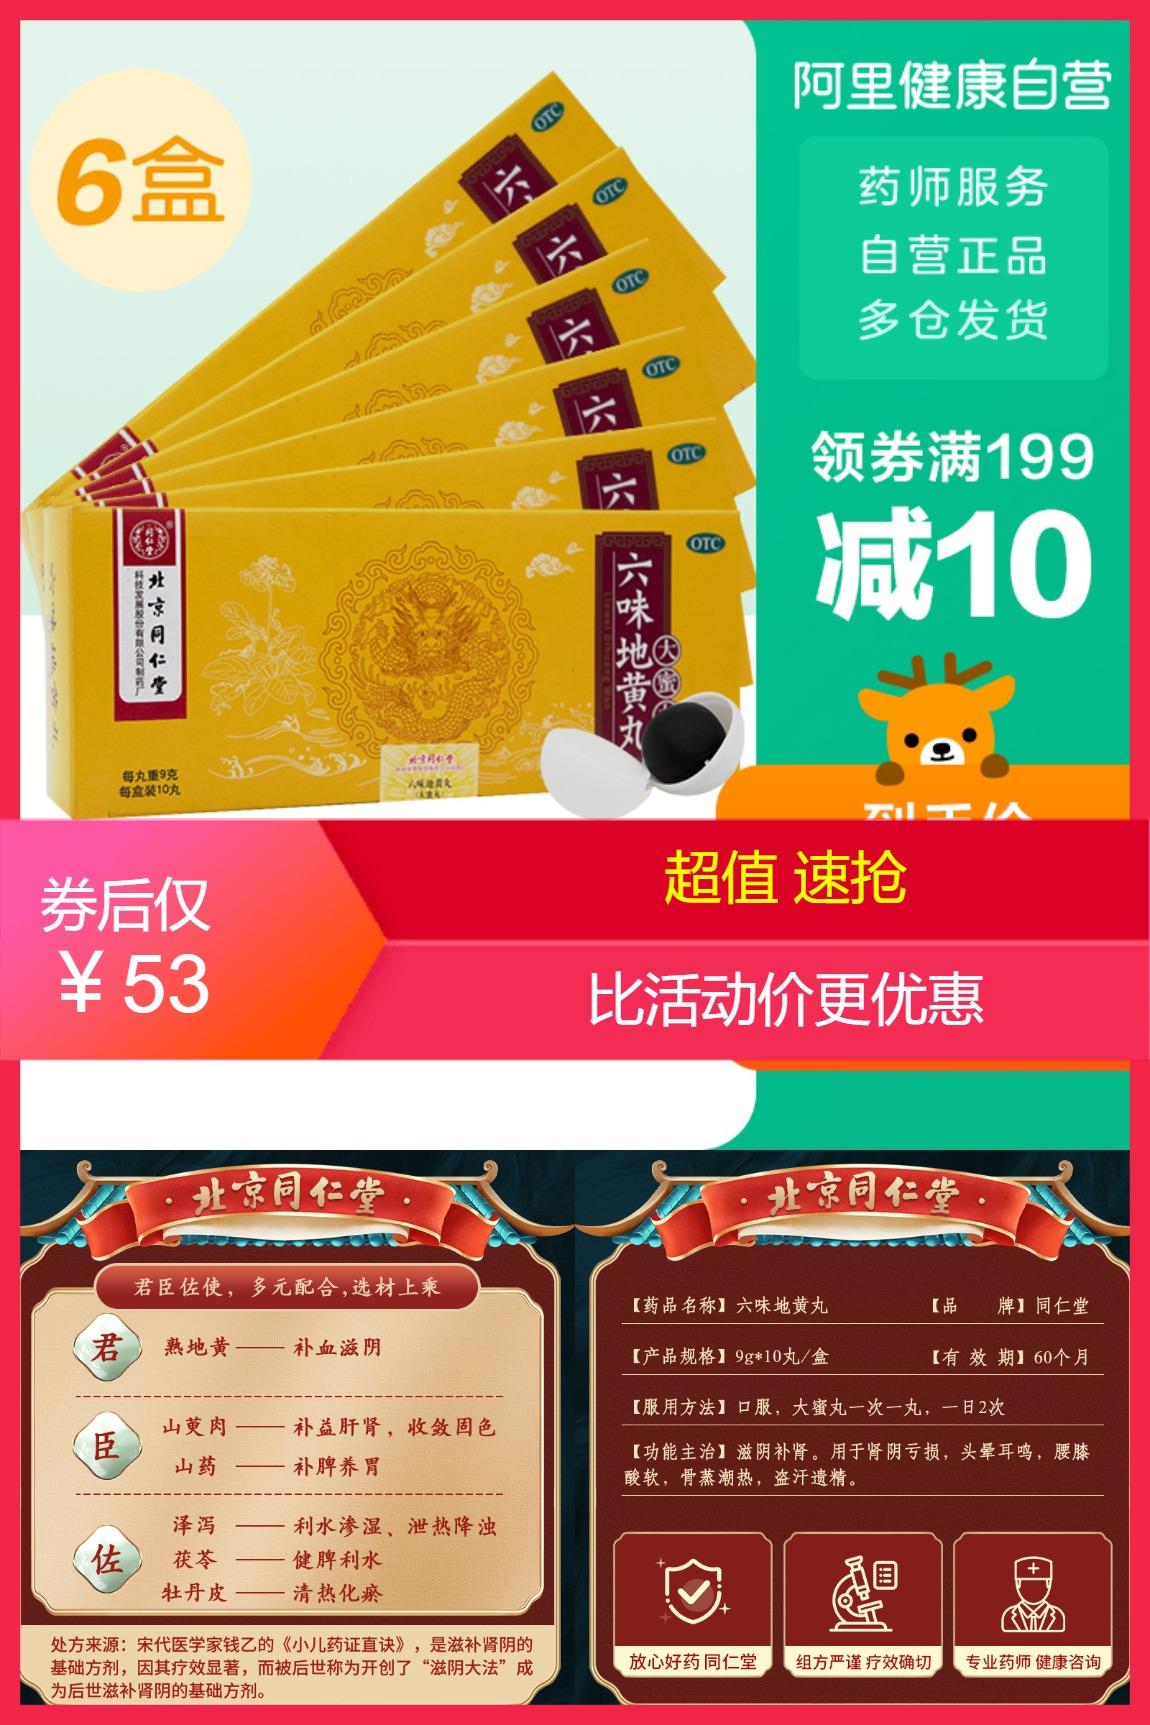 【3盒】同仁堂六味地黄丸大蜜丸价格/报价_券后53元包邮